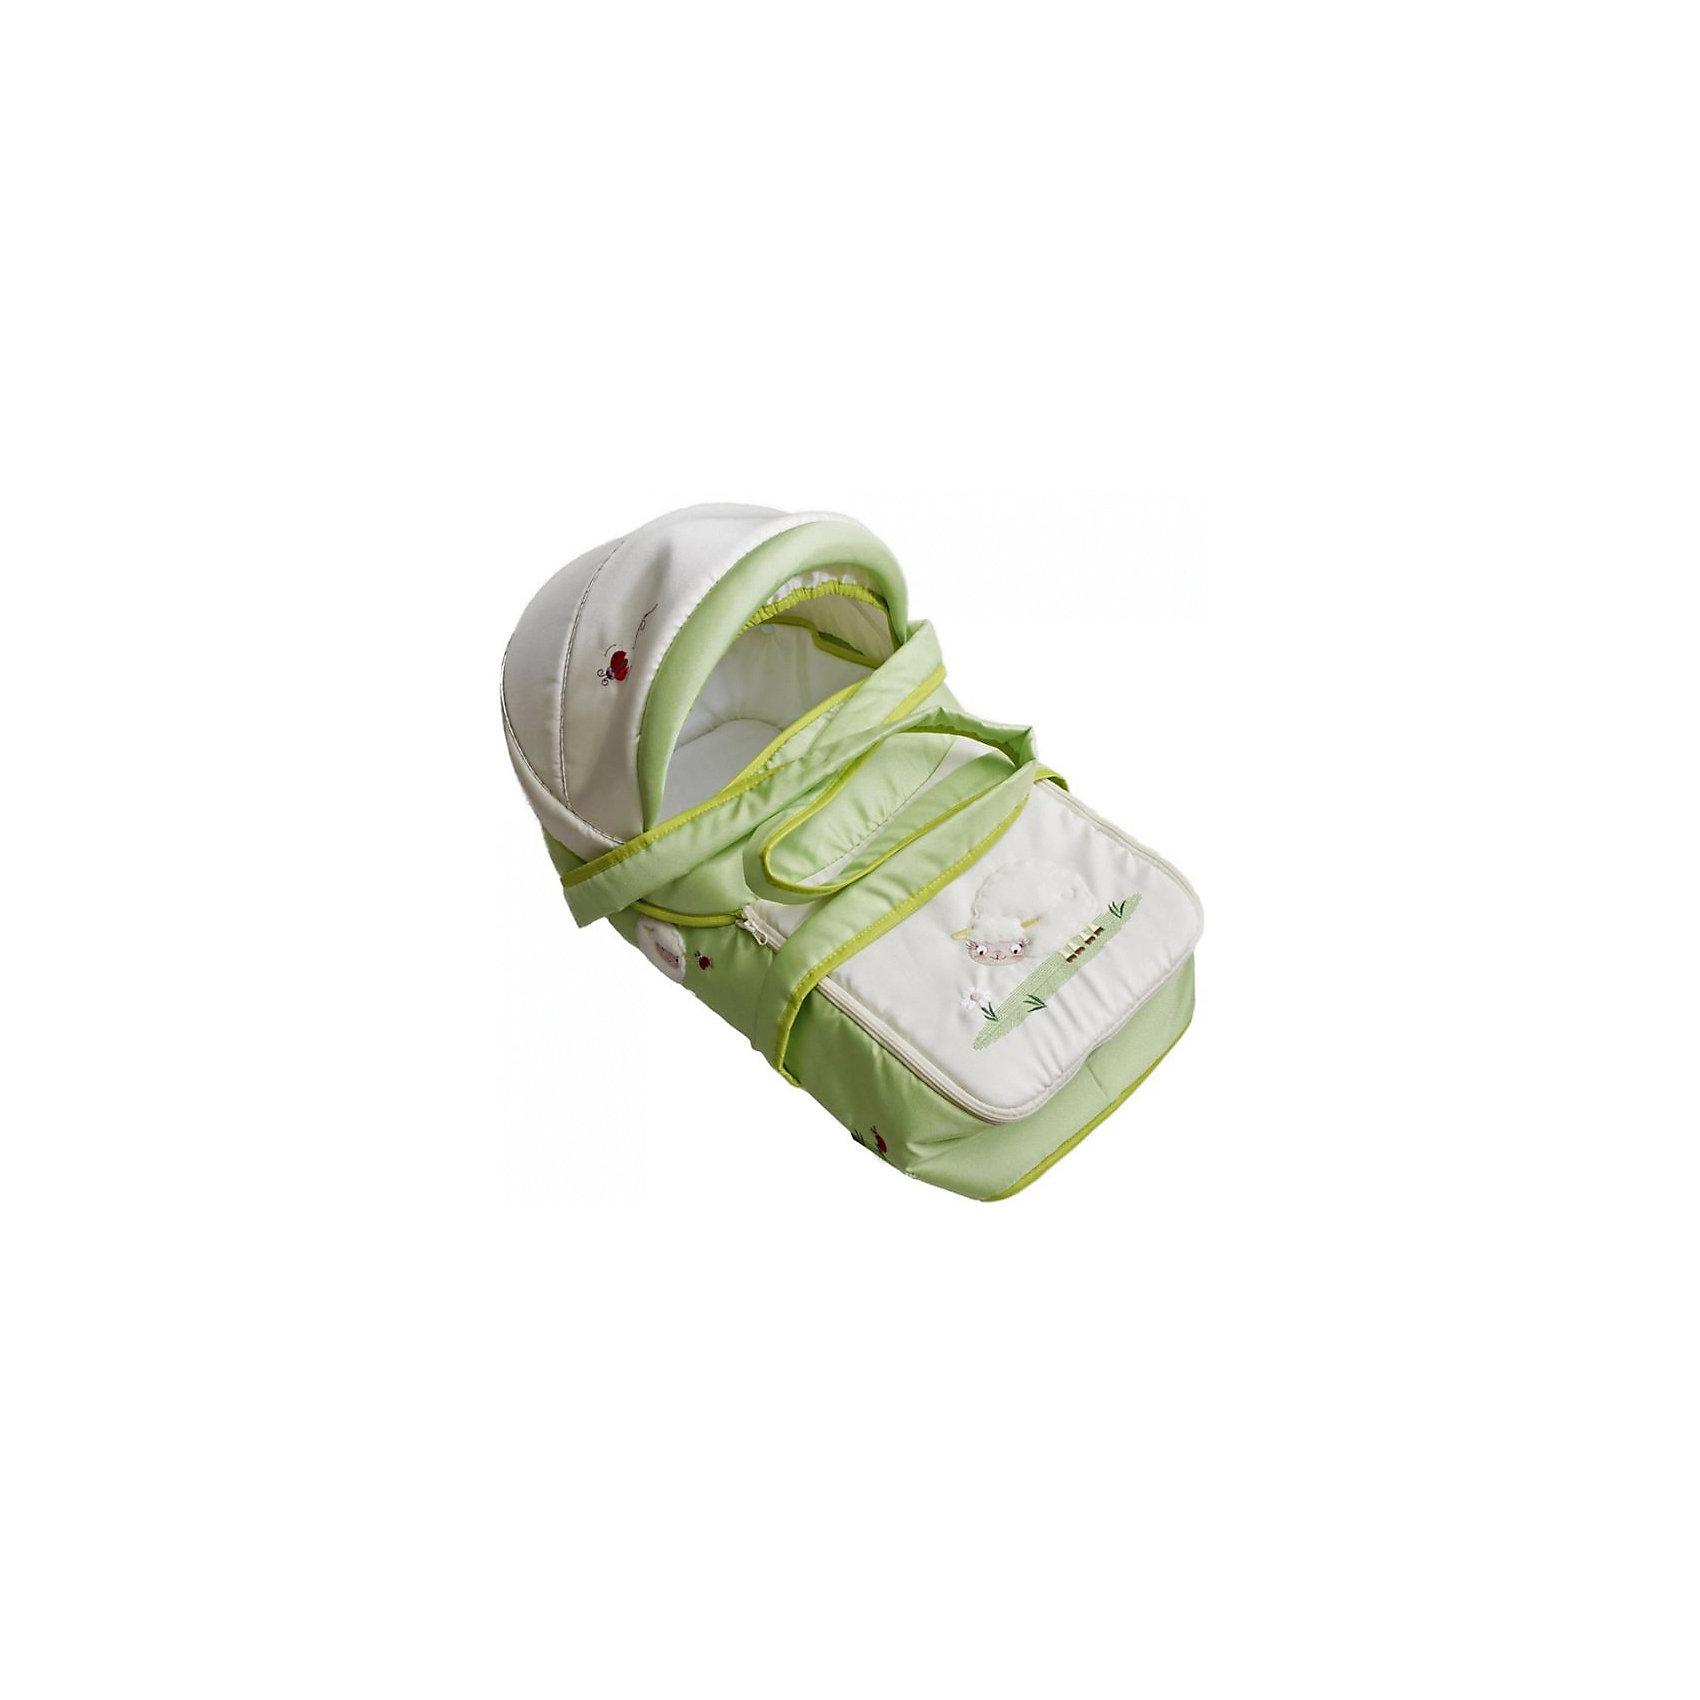 Люлька-переноска для коляски ВЕСЕЛЫЕ ЗВЕРЯТА, Лео, На лугу (ЛЕО)